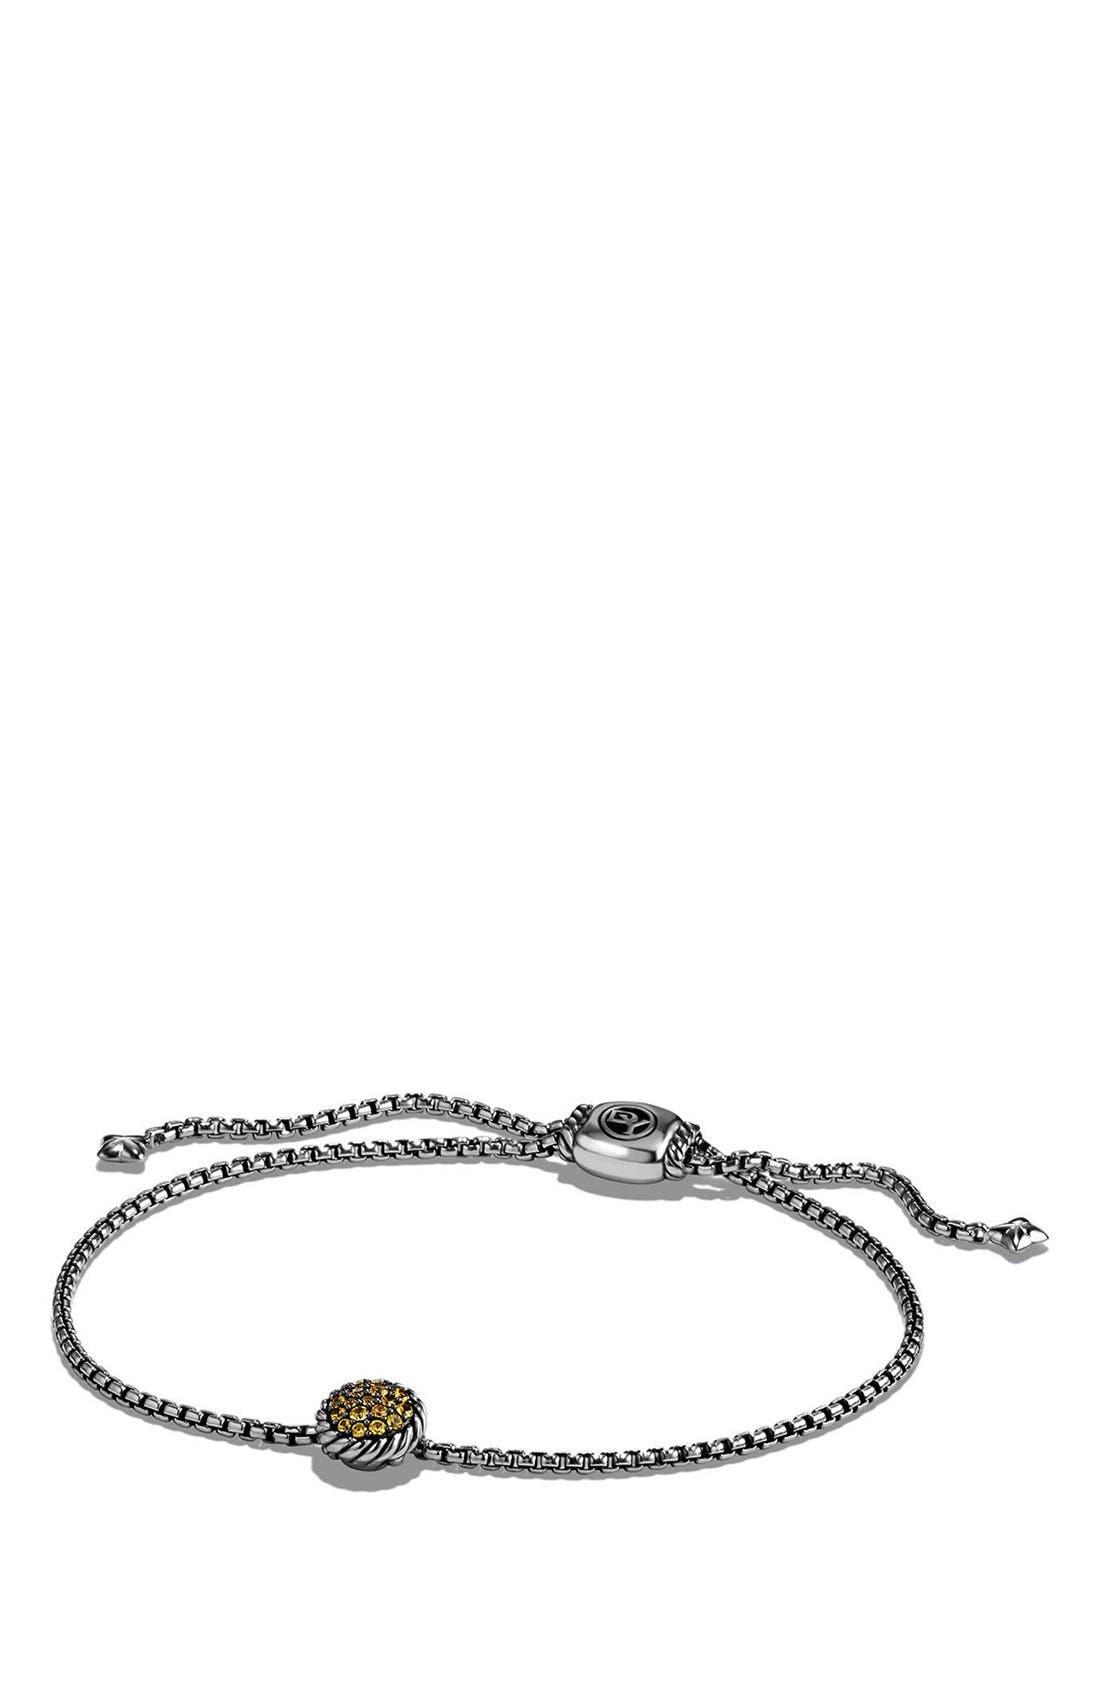 'Châtelaine' Petite Bracelet,                         Main,                         color, Silver/ Yellow Sapphire